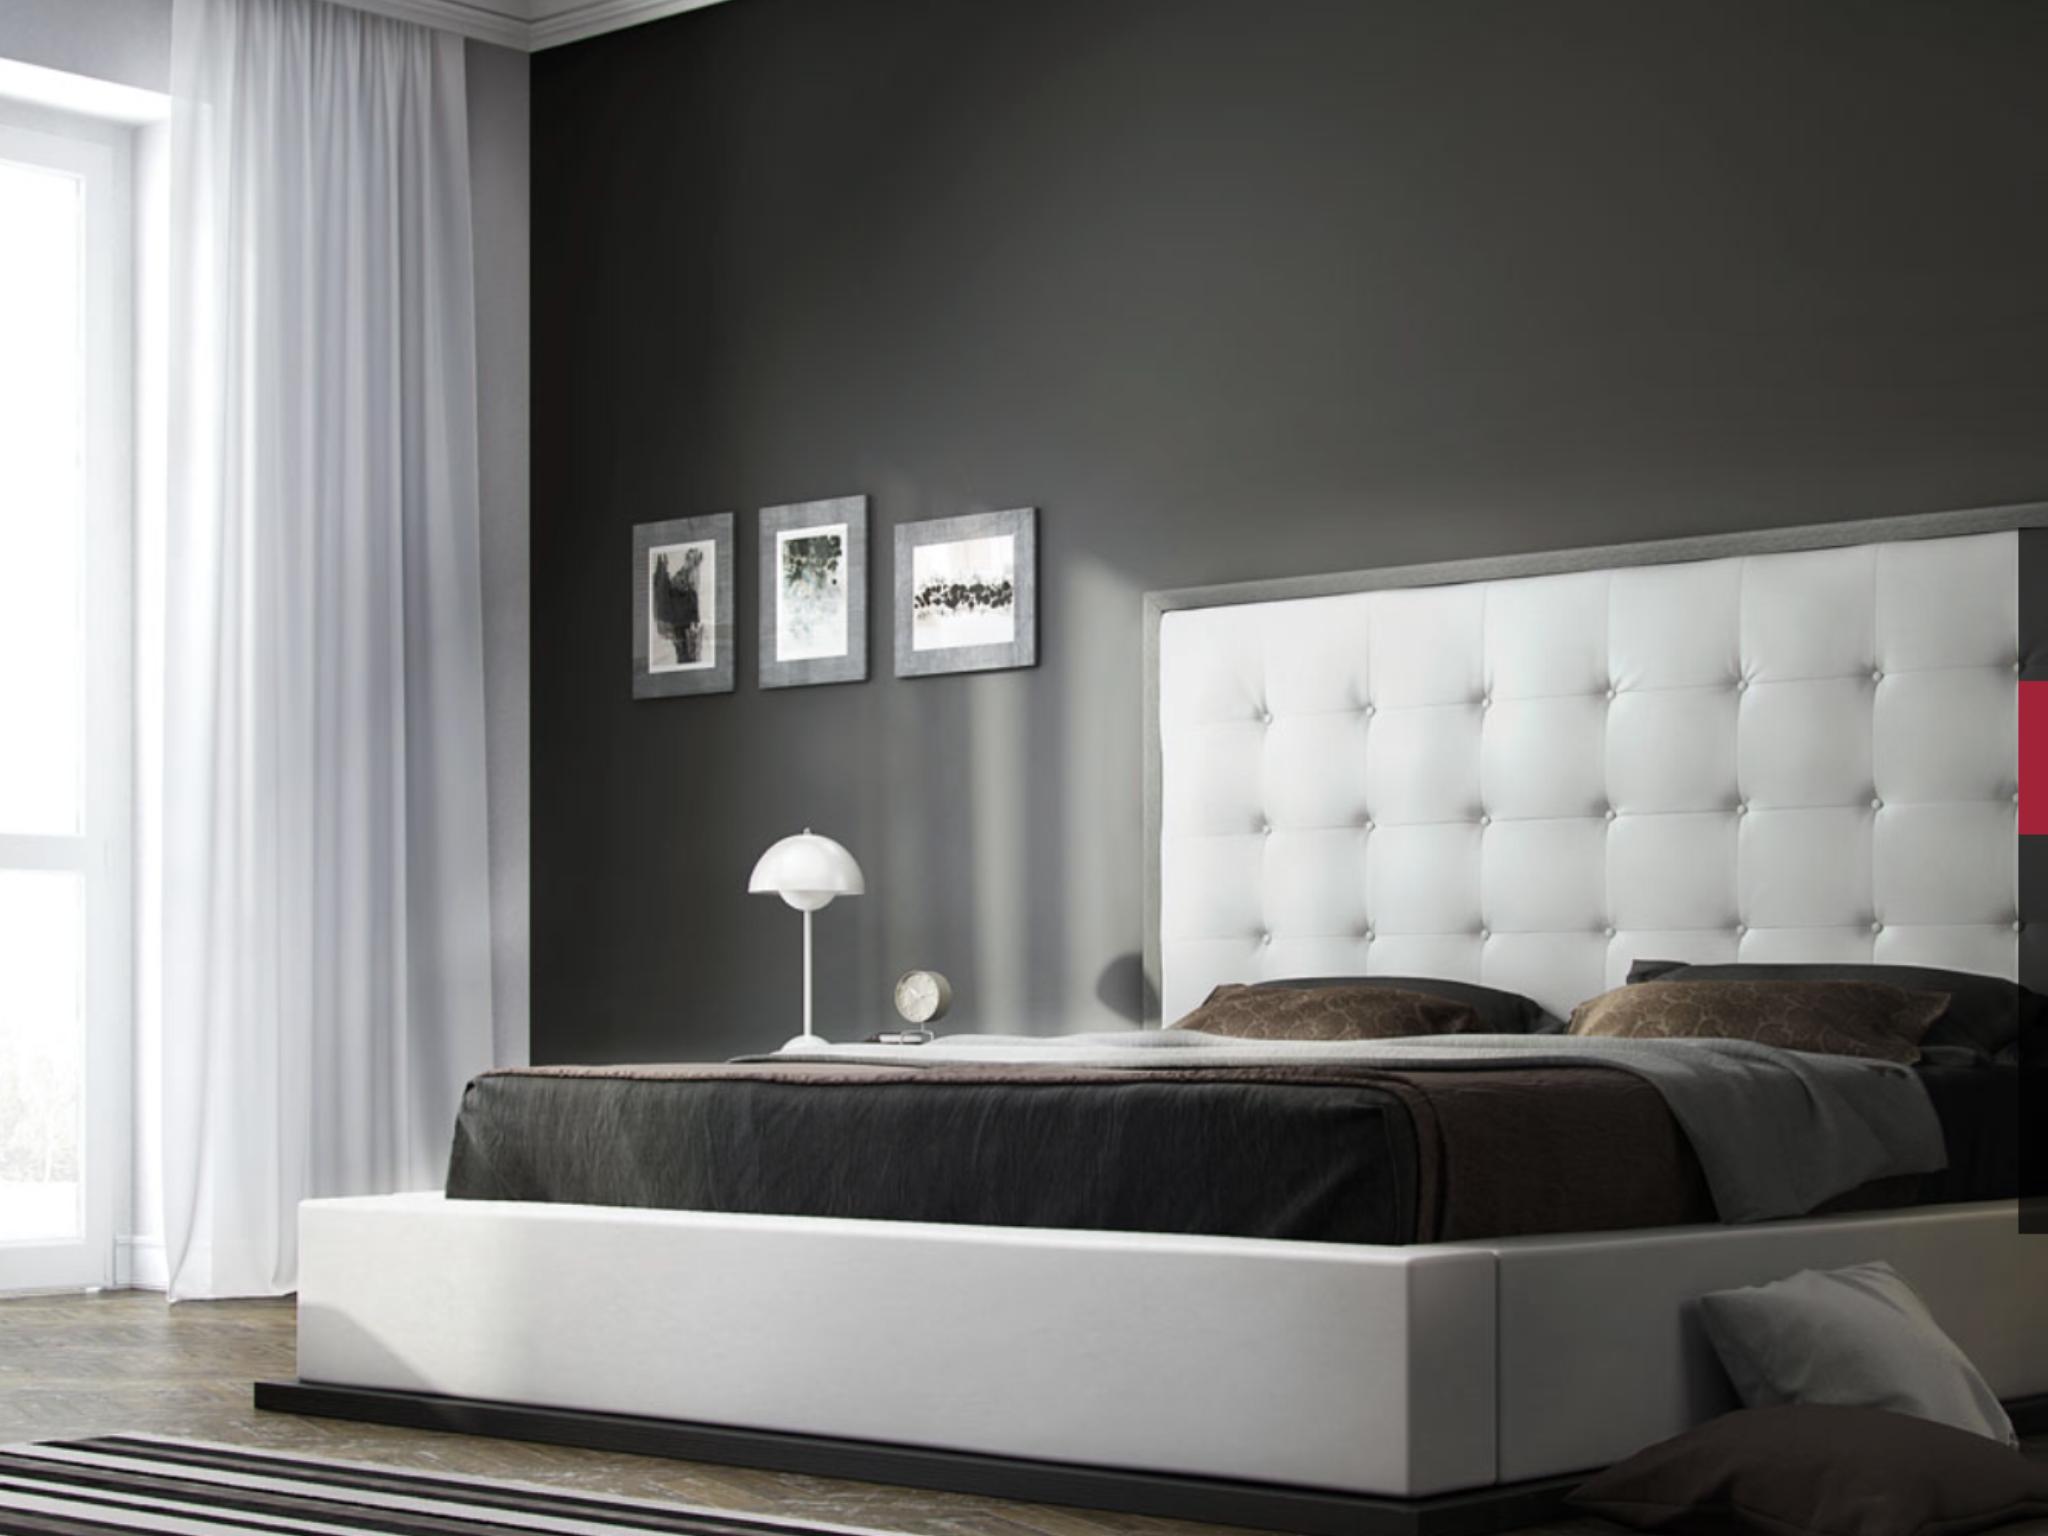 venini furniture in fort lauderdale fl 954 303 6